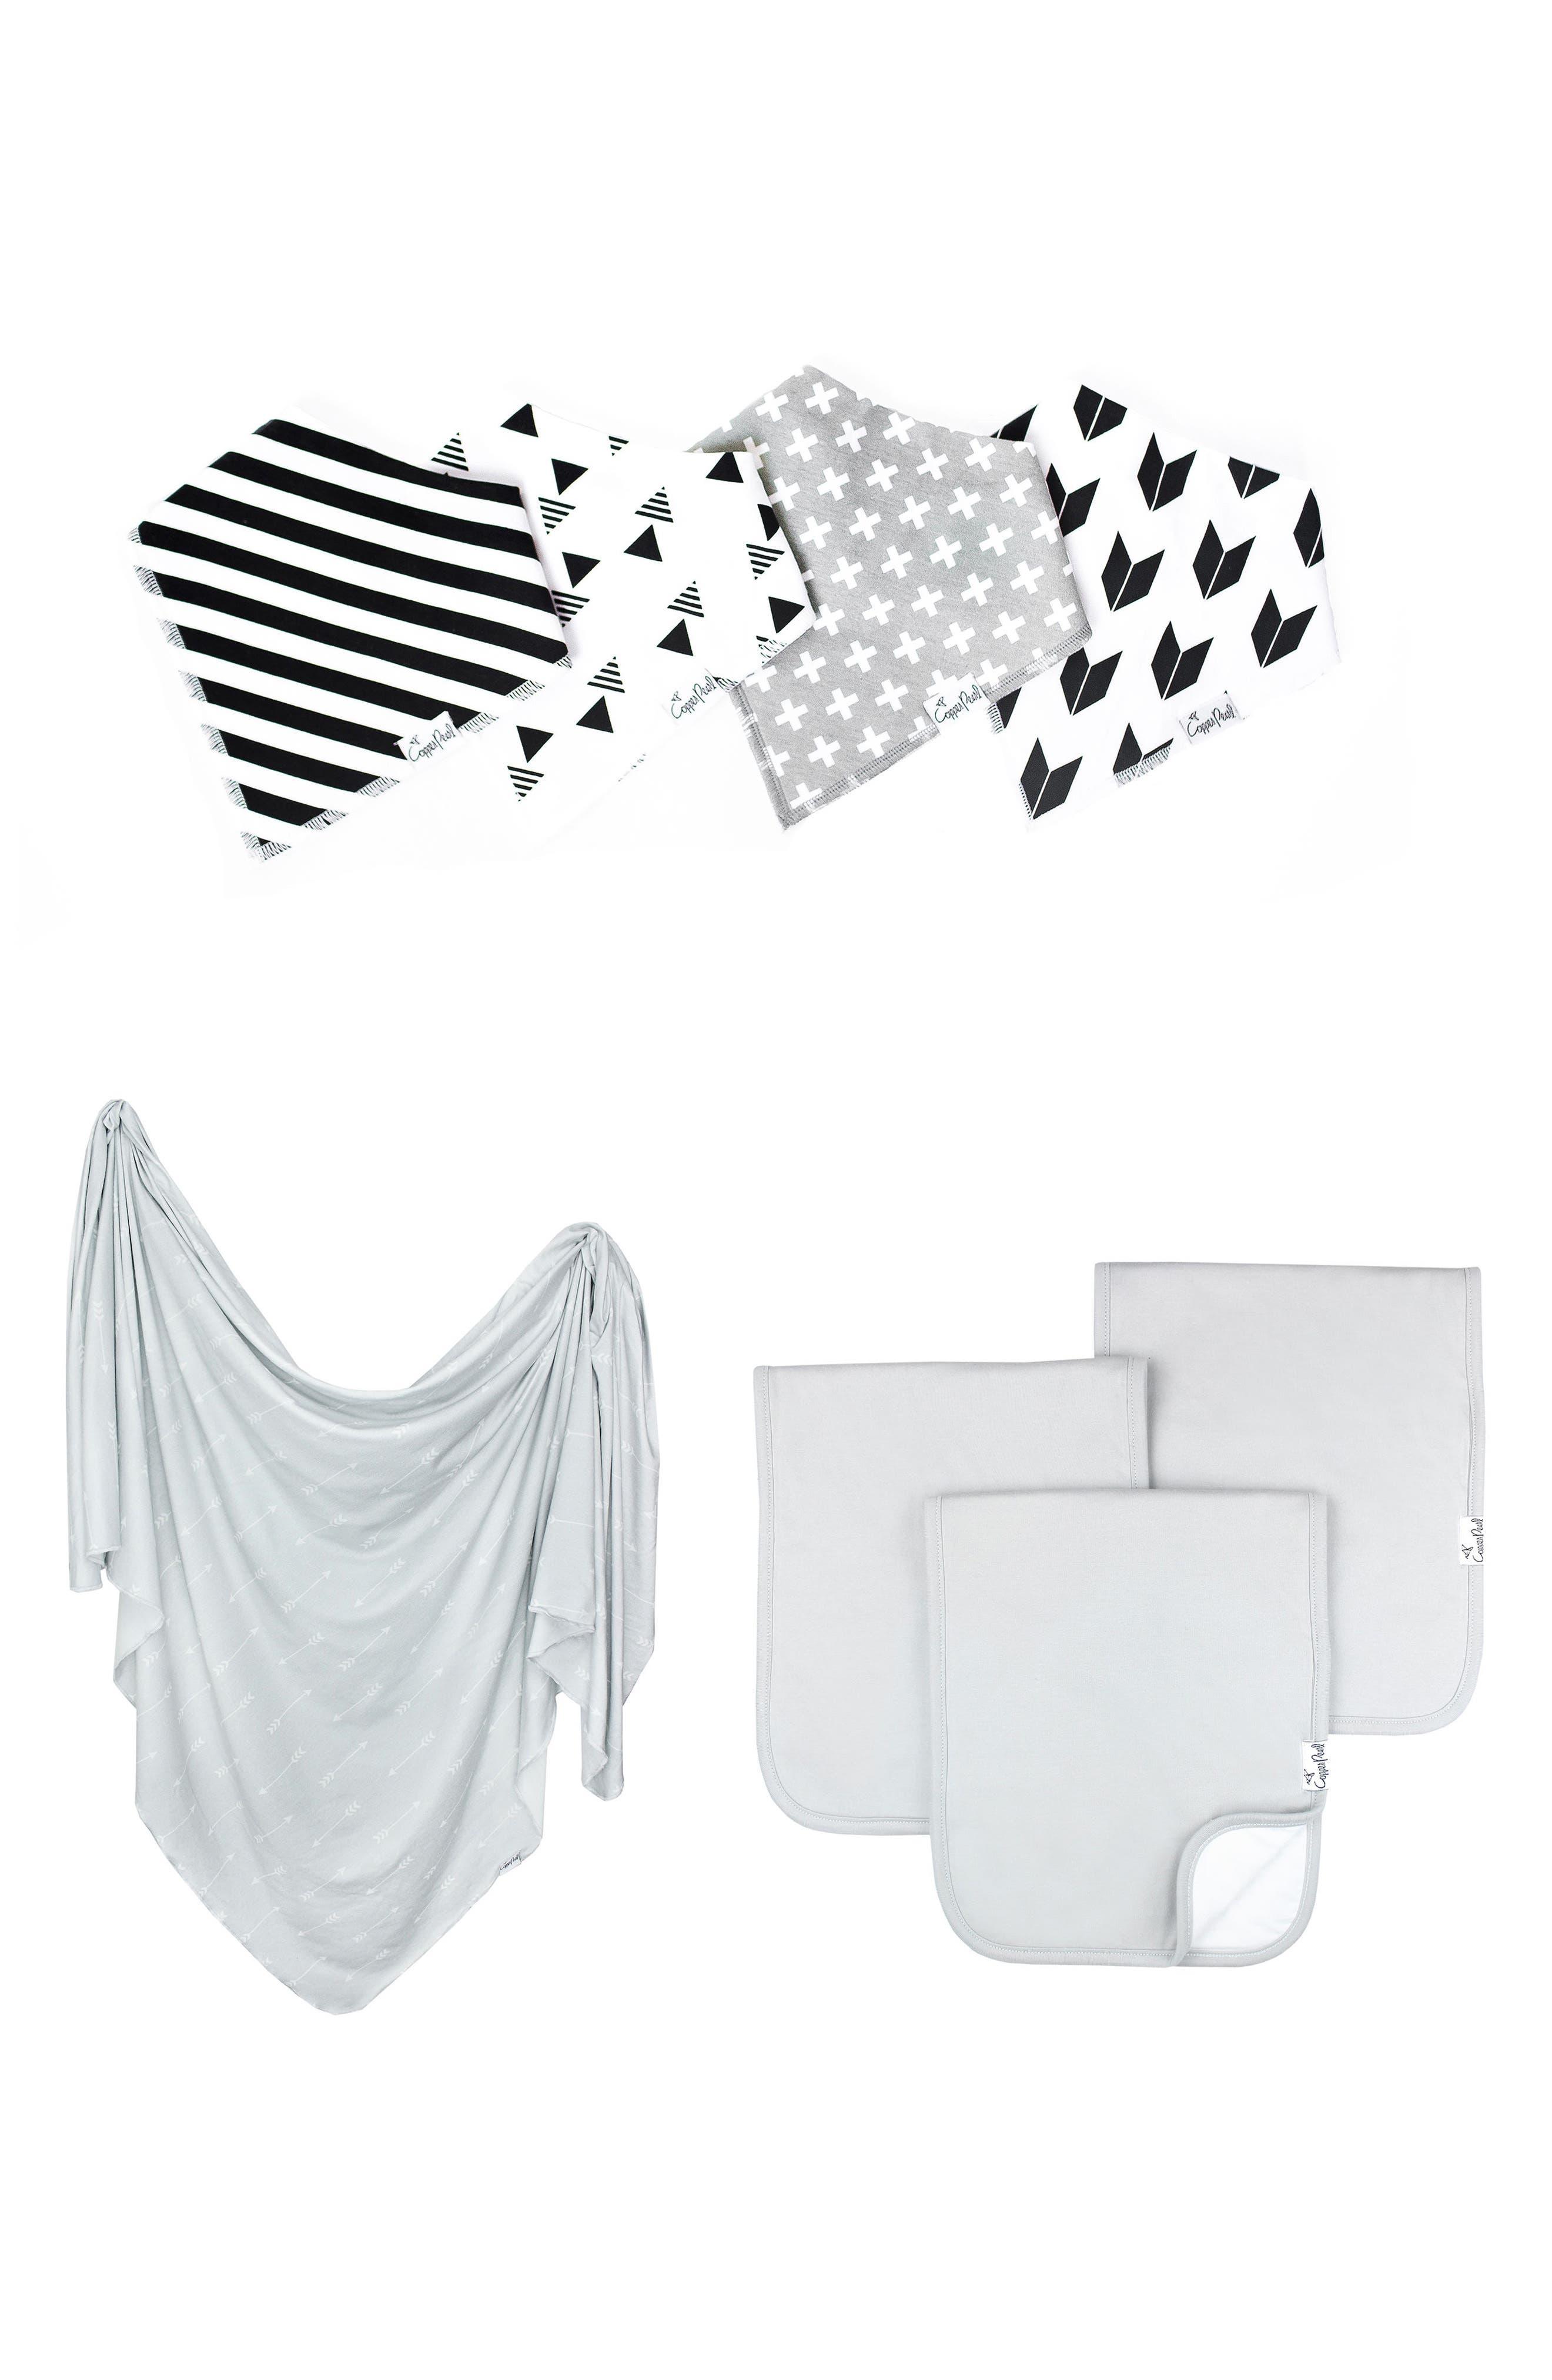 Shade Bib, Burp Cloth & Swaddle Blanket Gift Set,                             Main thumbnail 1, color,                             SHADE